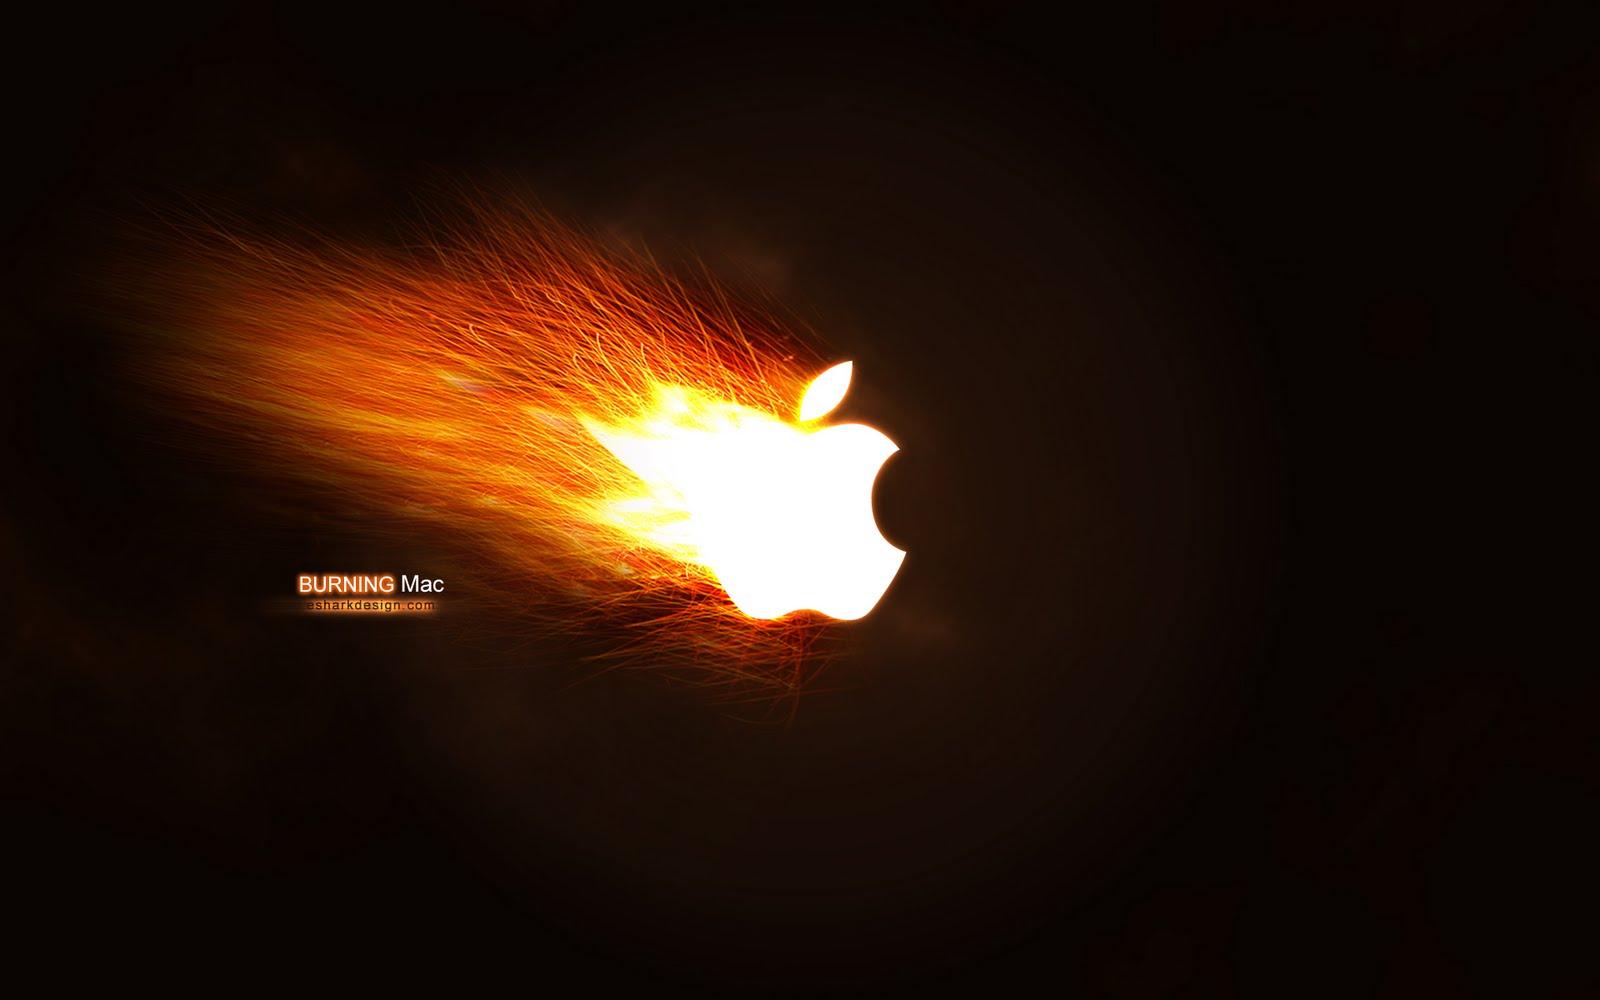 http://2.bp.blogspot.com/-iZsv0qHvu4E/TtzqAkVl8DI/AAAAAAAAAvQ/JQd9DKqtNu8/s1600/mac-wallpaper-hd-10-774549.jpg